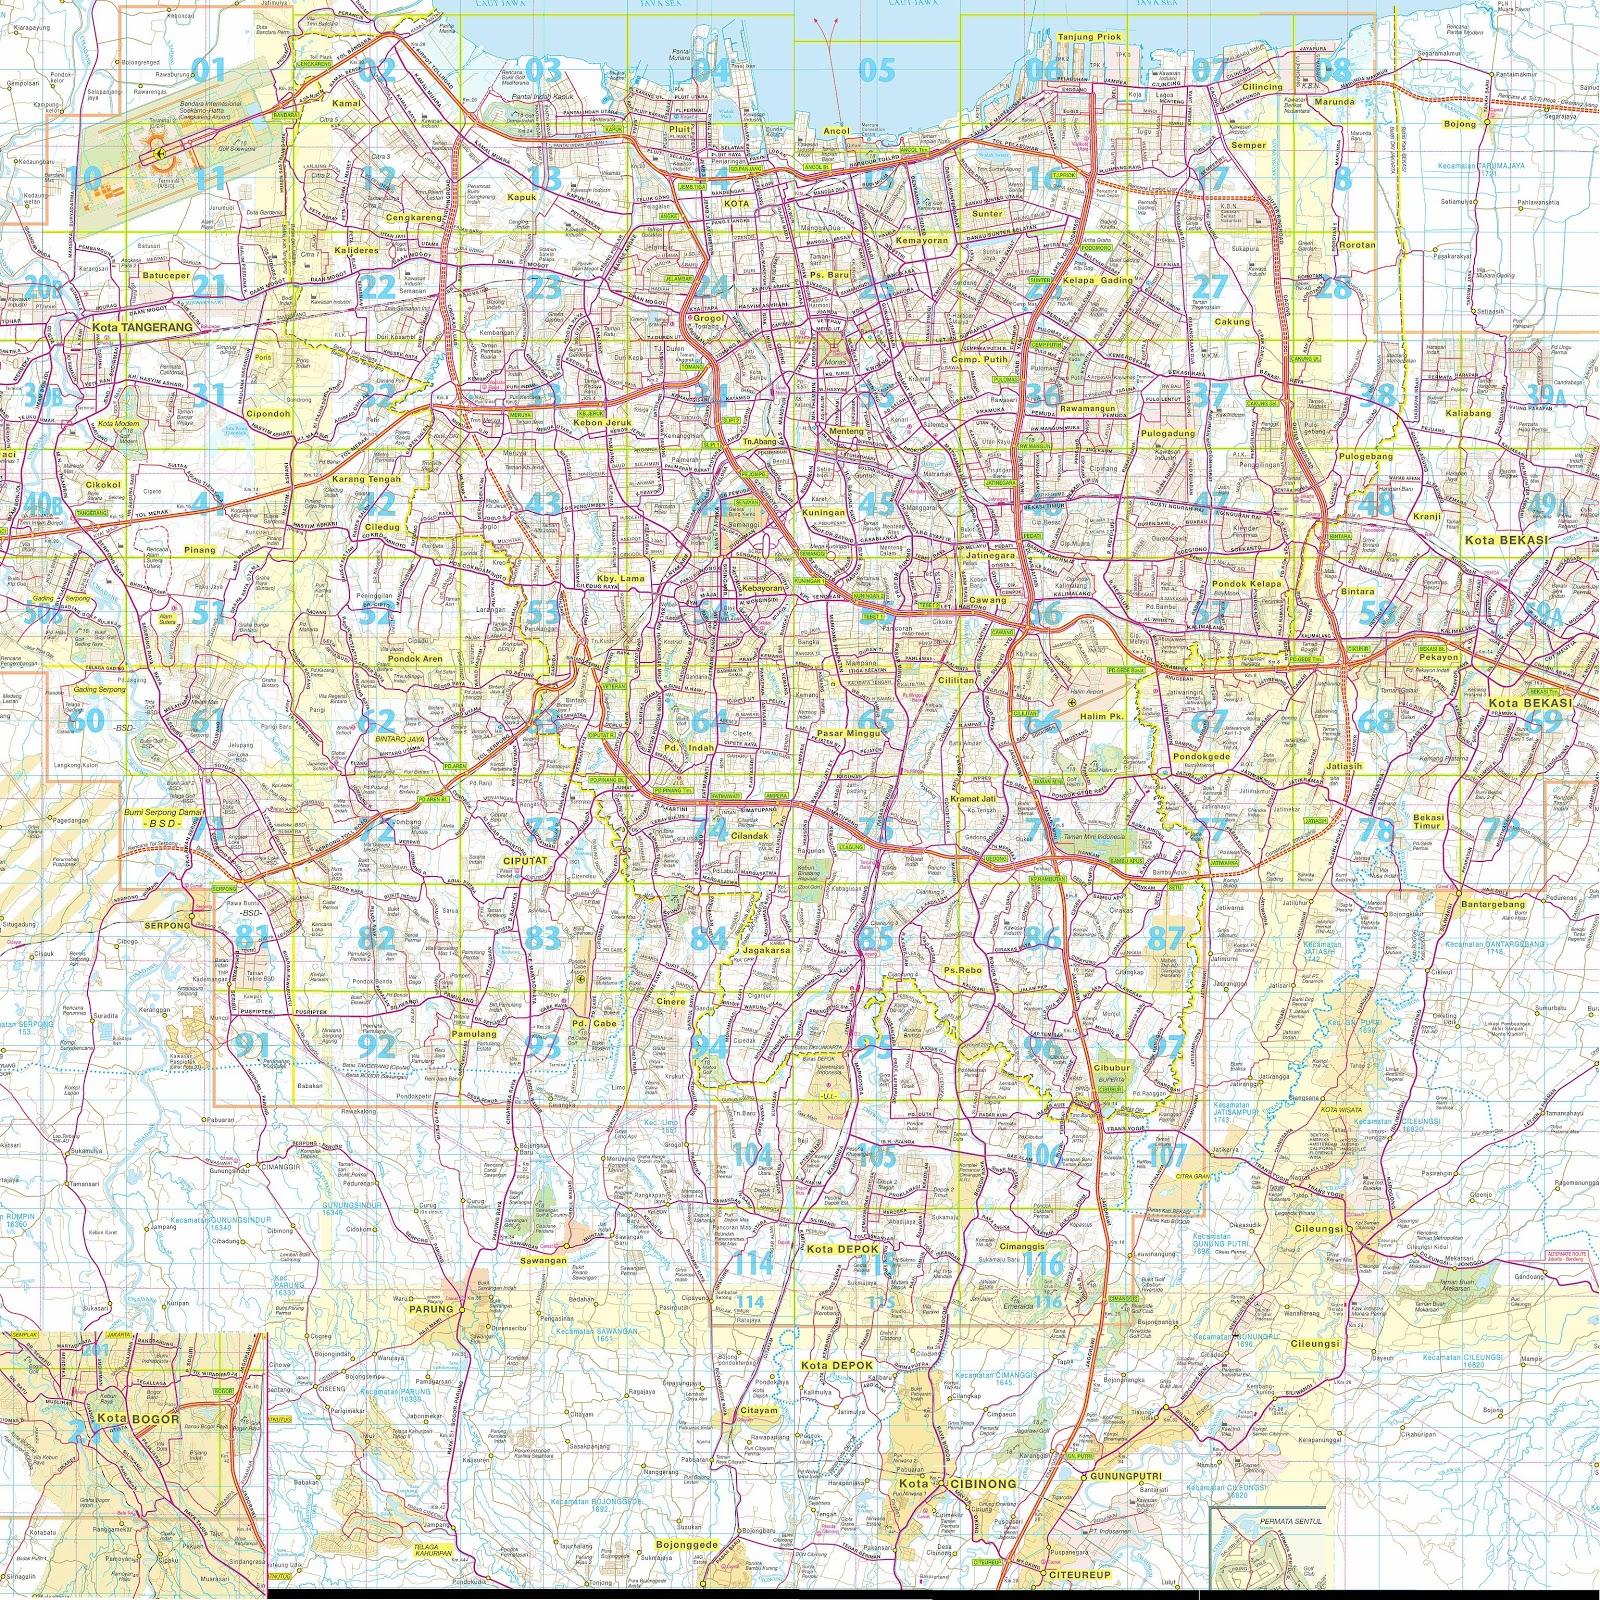 Jakarta On Map